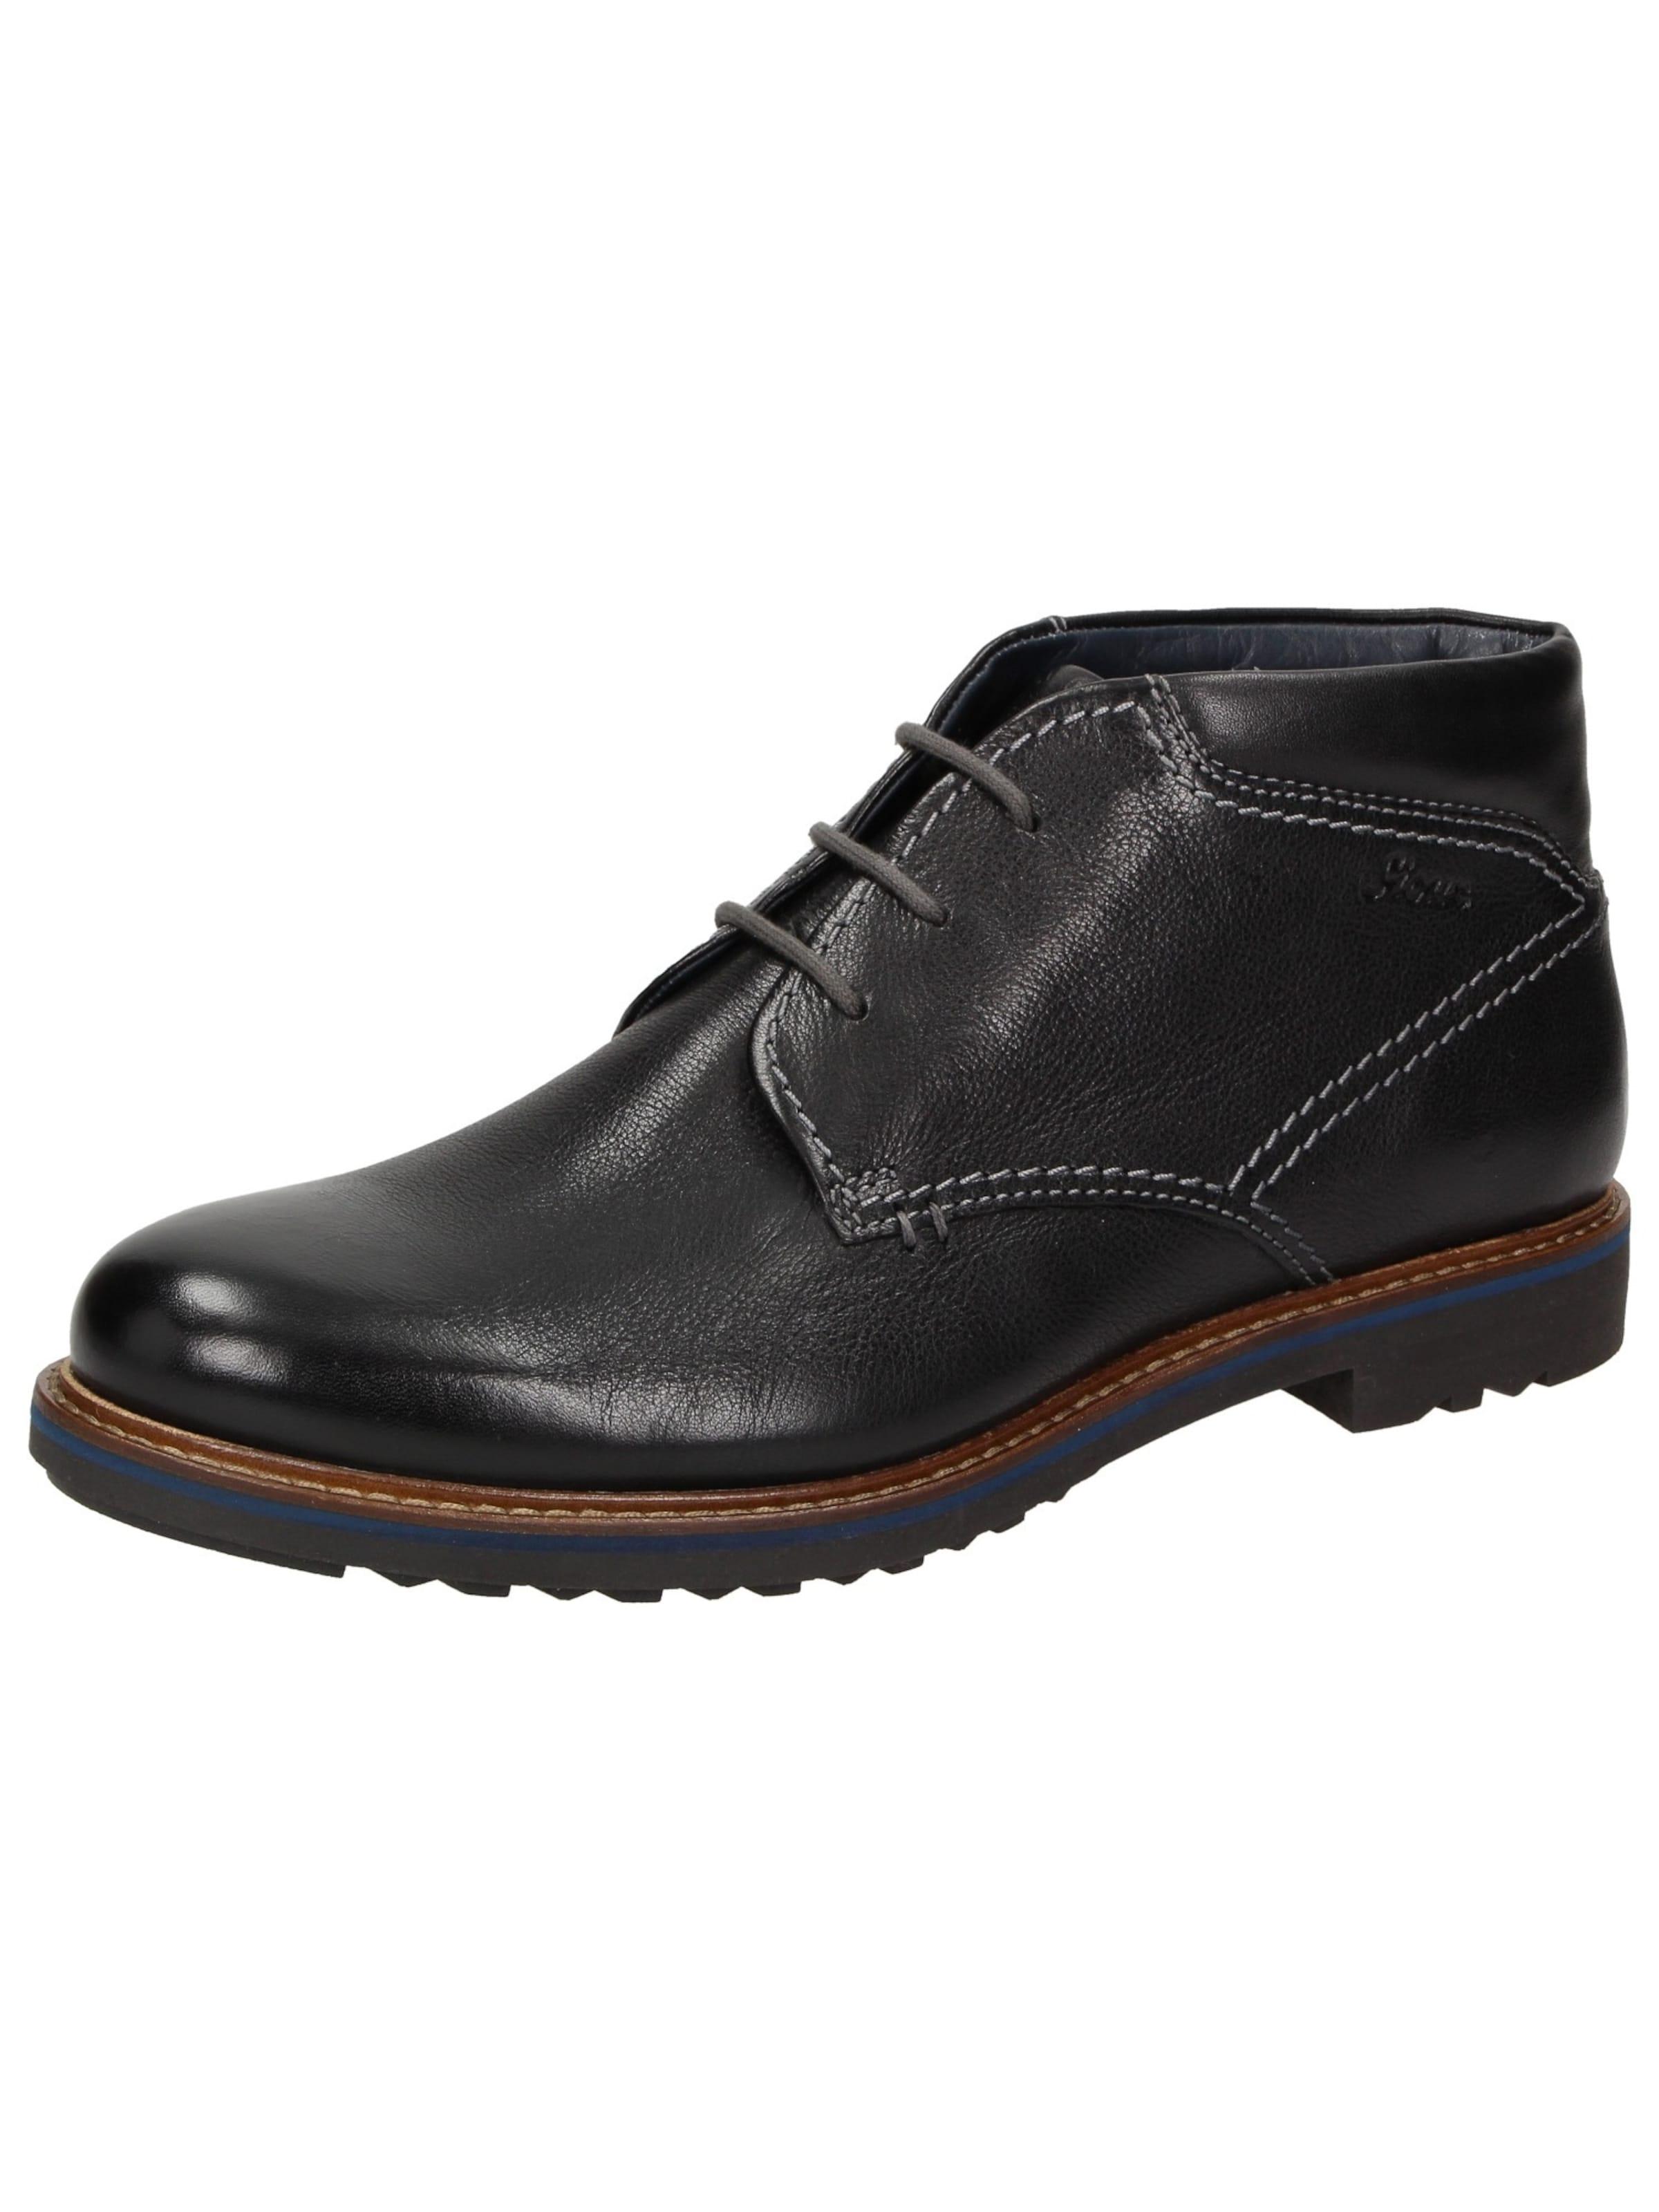 SIOUX Stiefelette Dimos-XL Verschleißfeste billige Schuhe